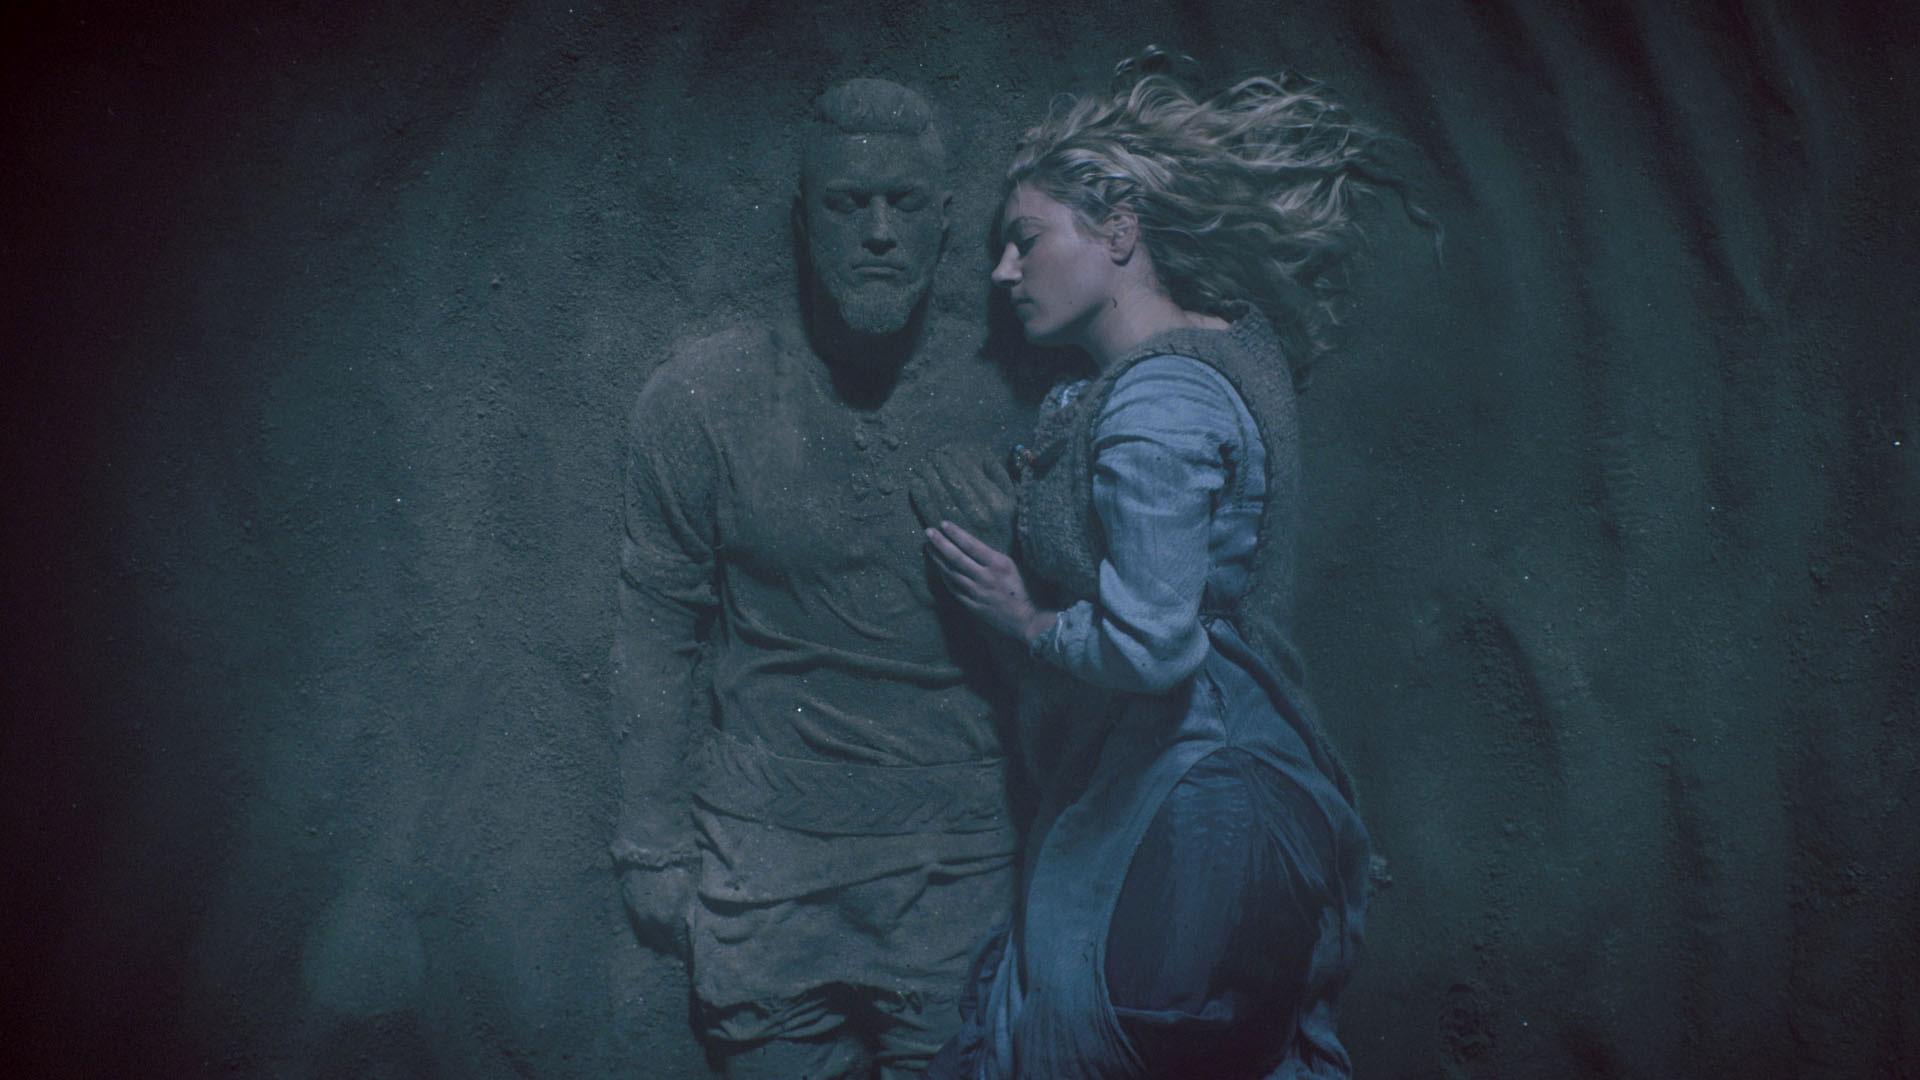 Vikings : The Ice Maiden